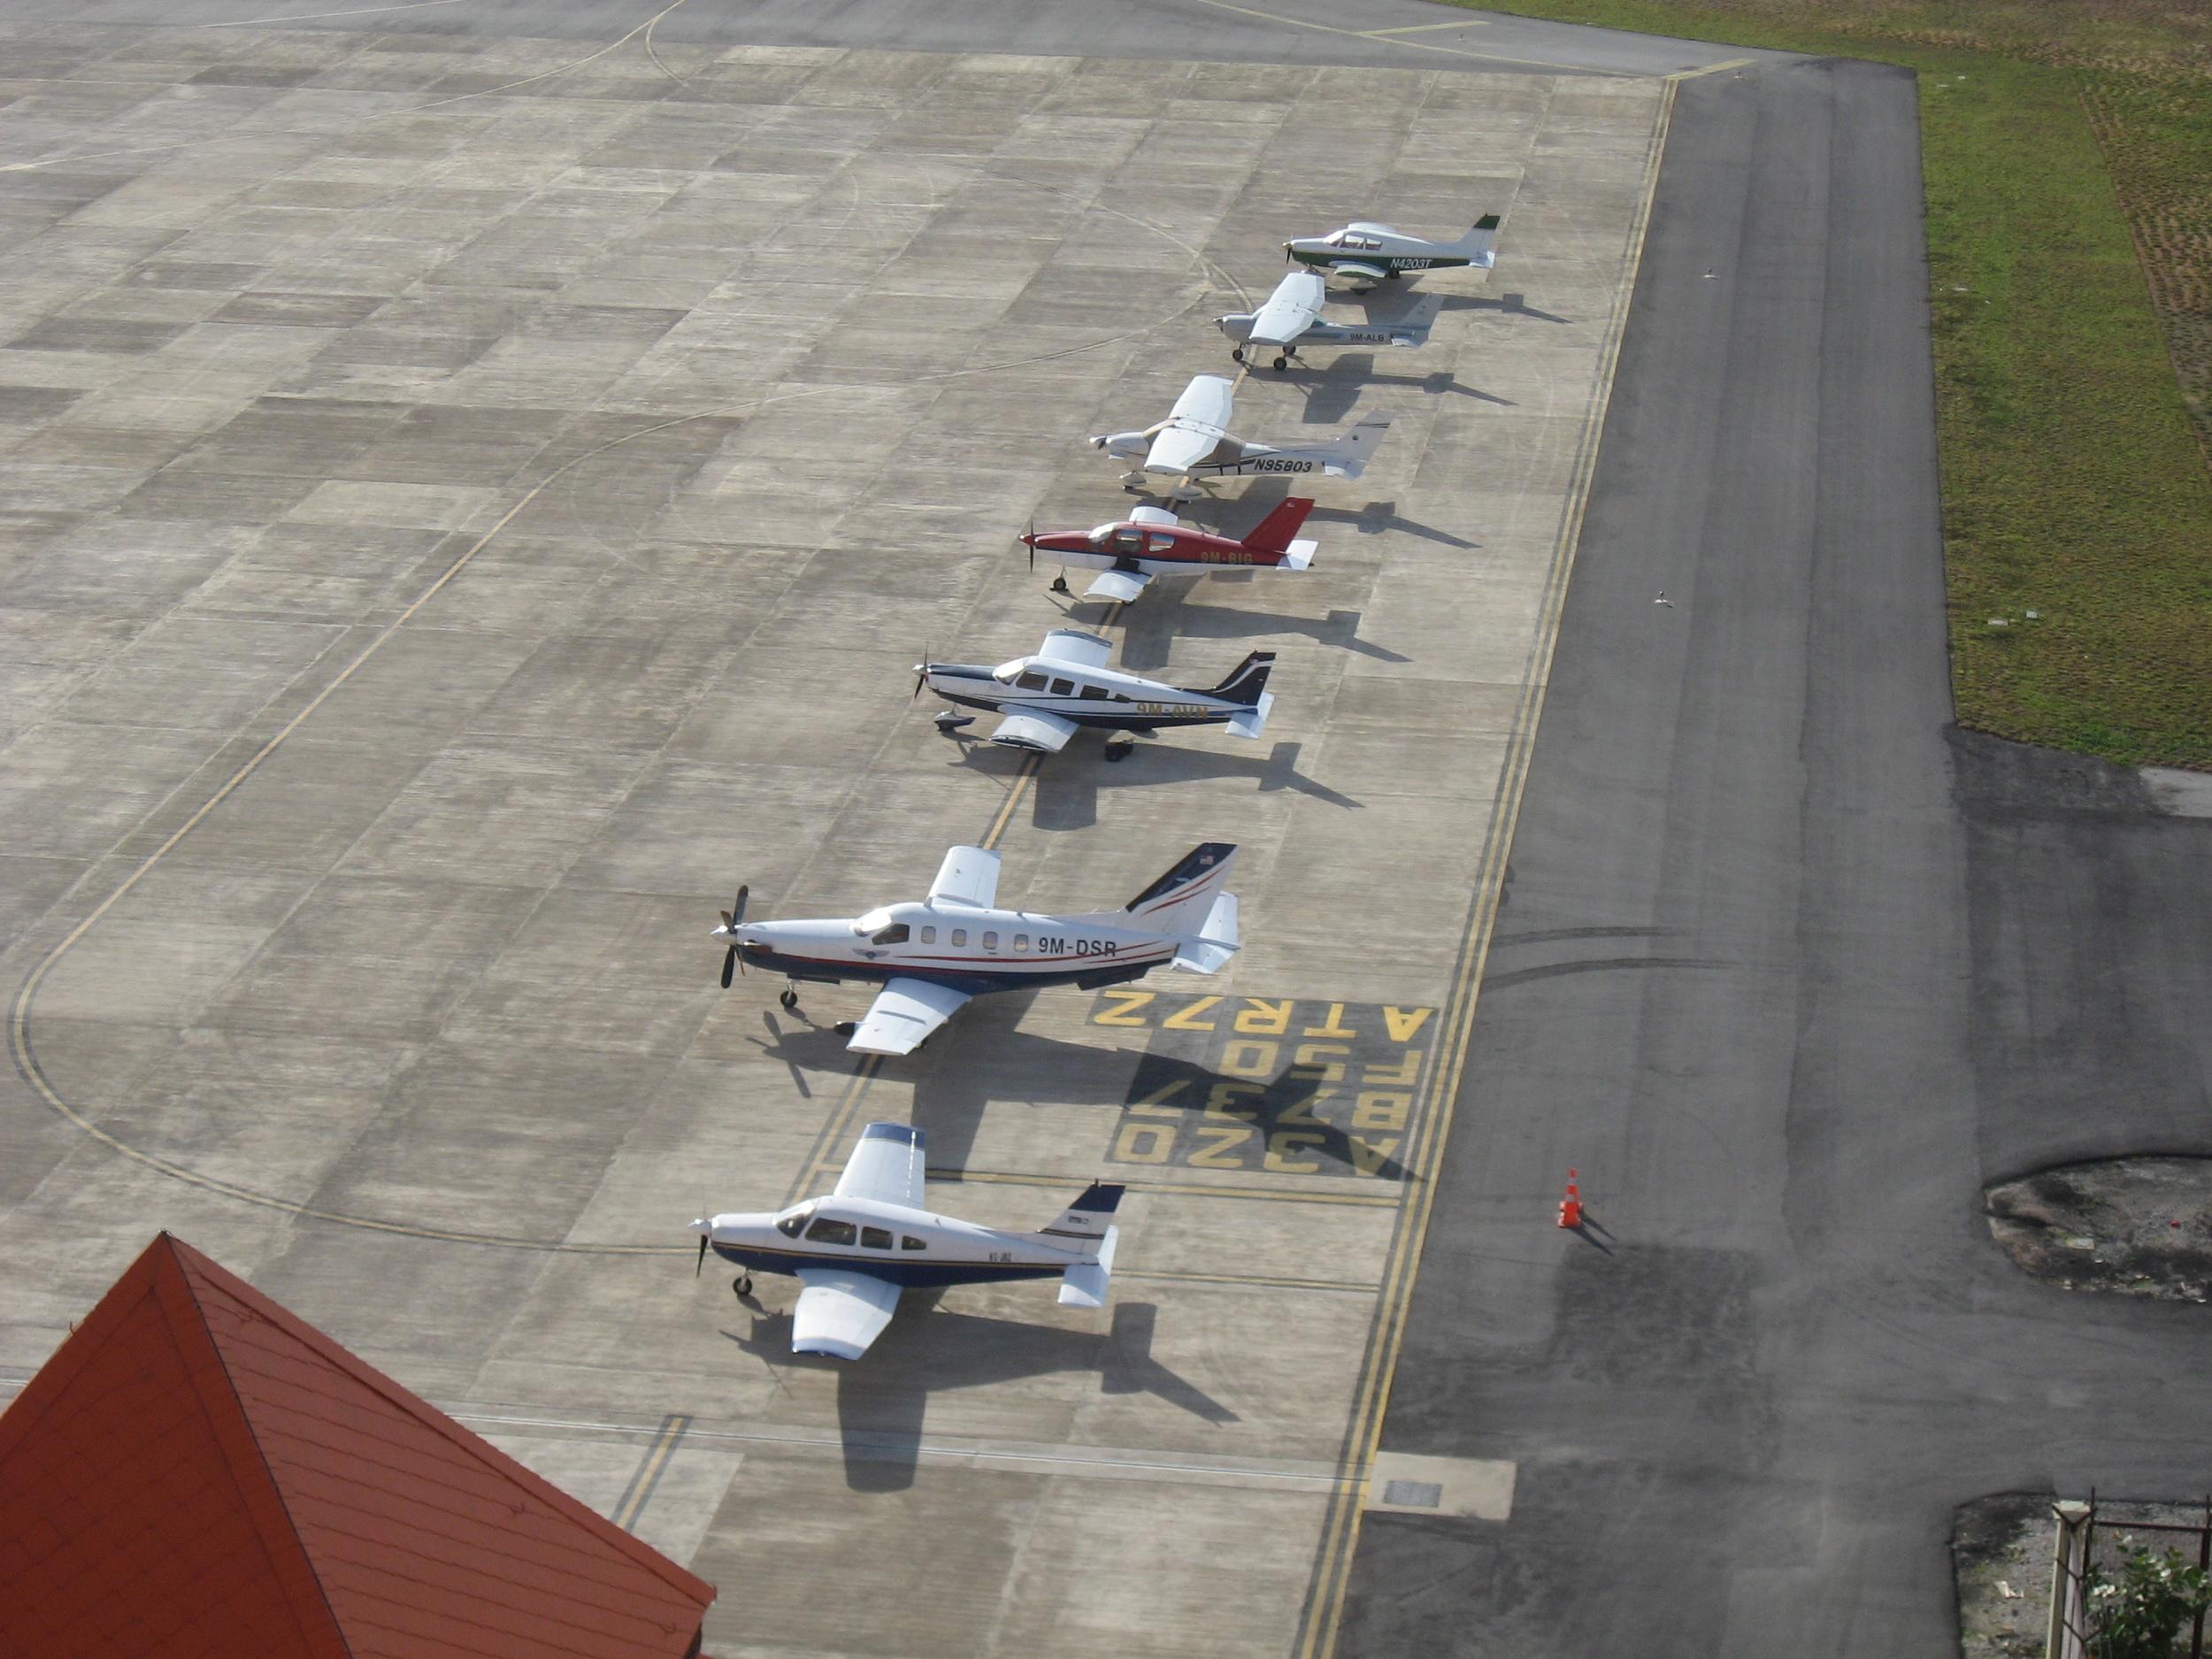 Terengganu, Malaysia Fly-out